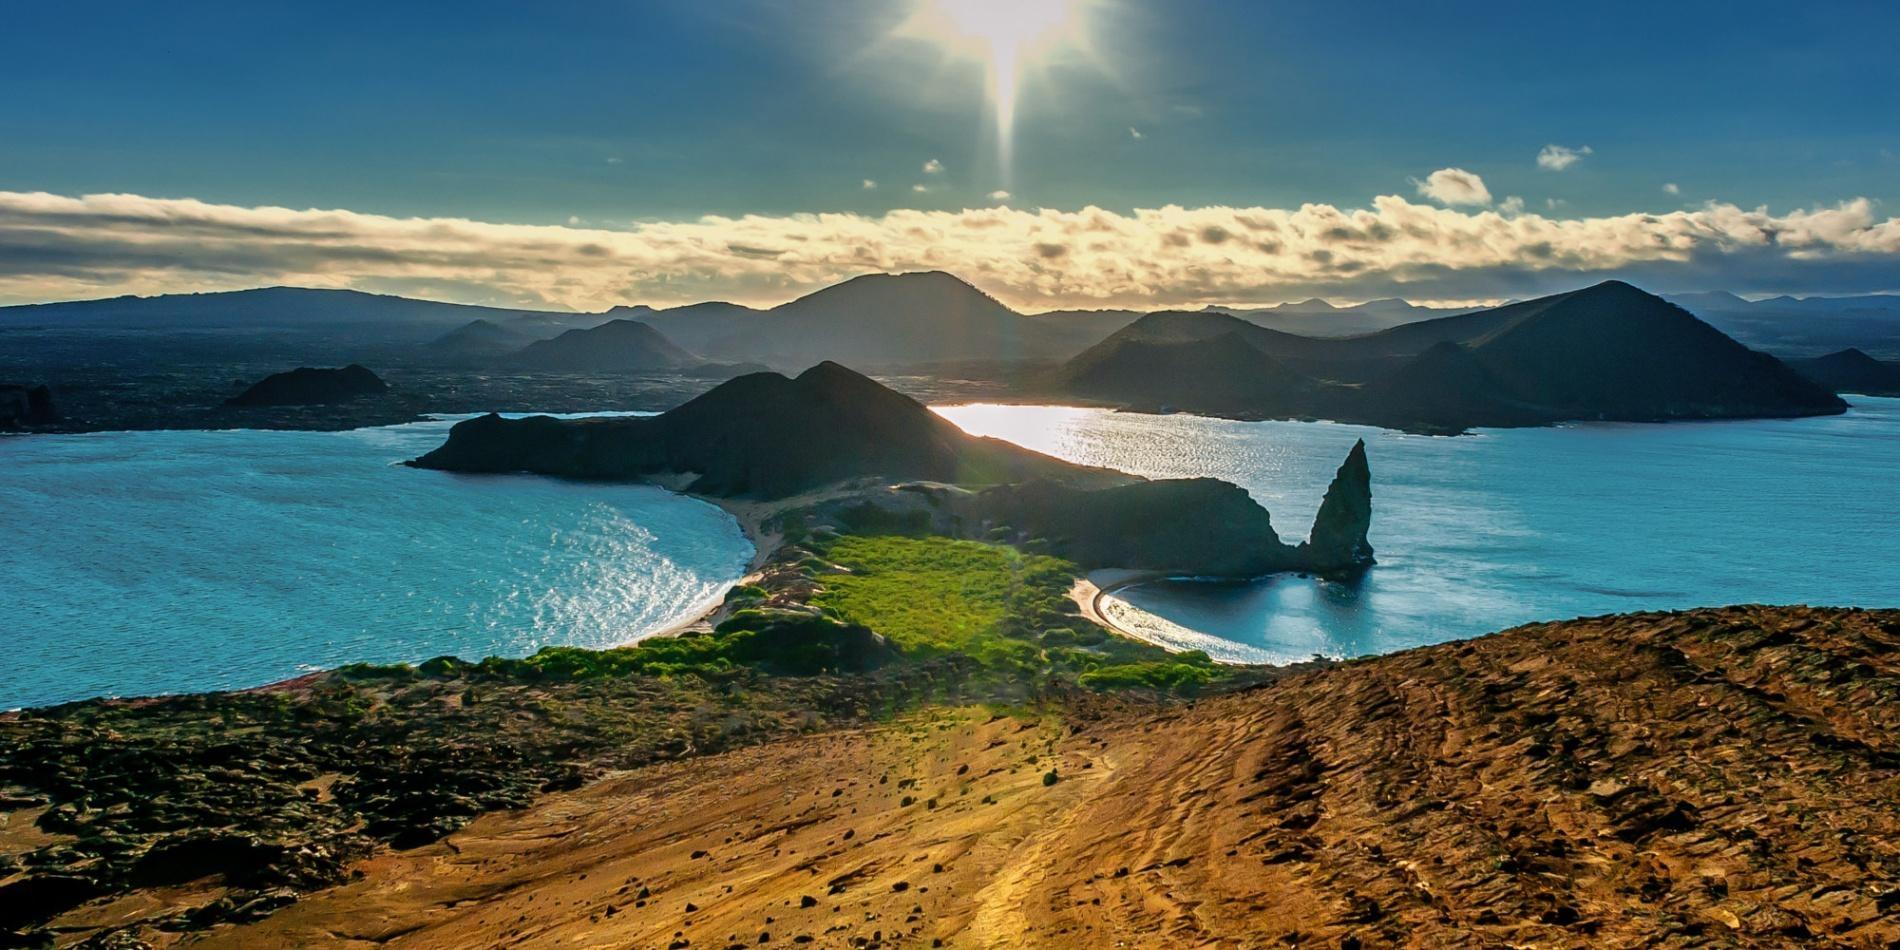 கலாபகஸ் தீவுகள்